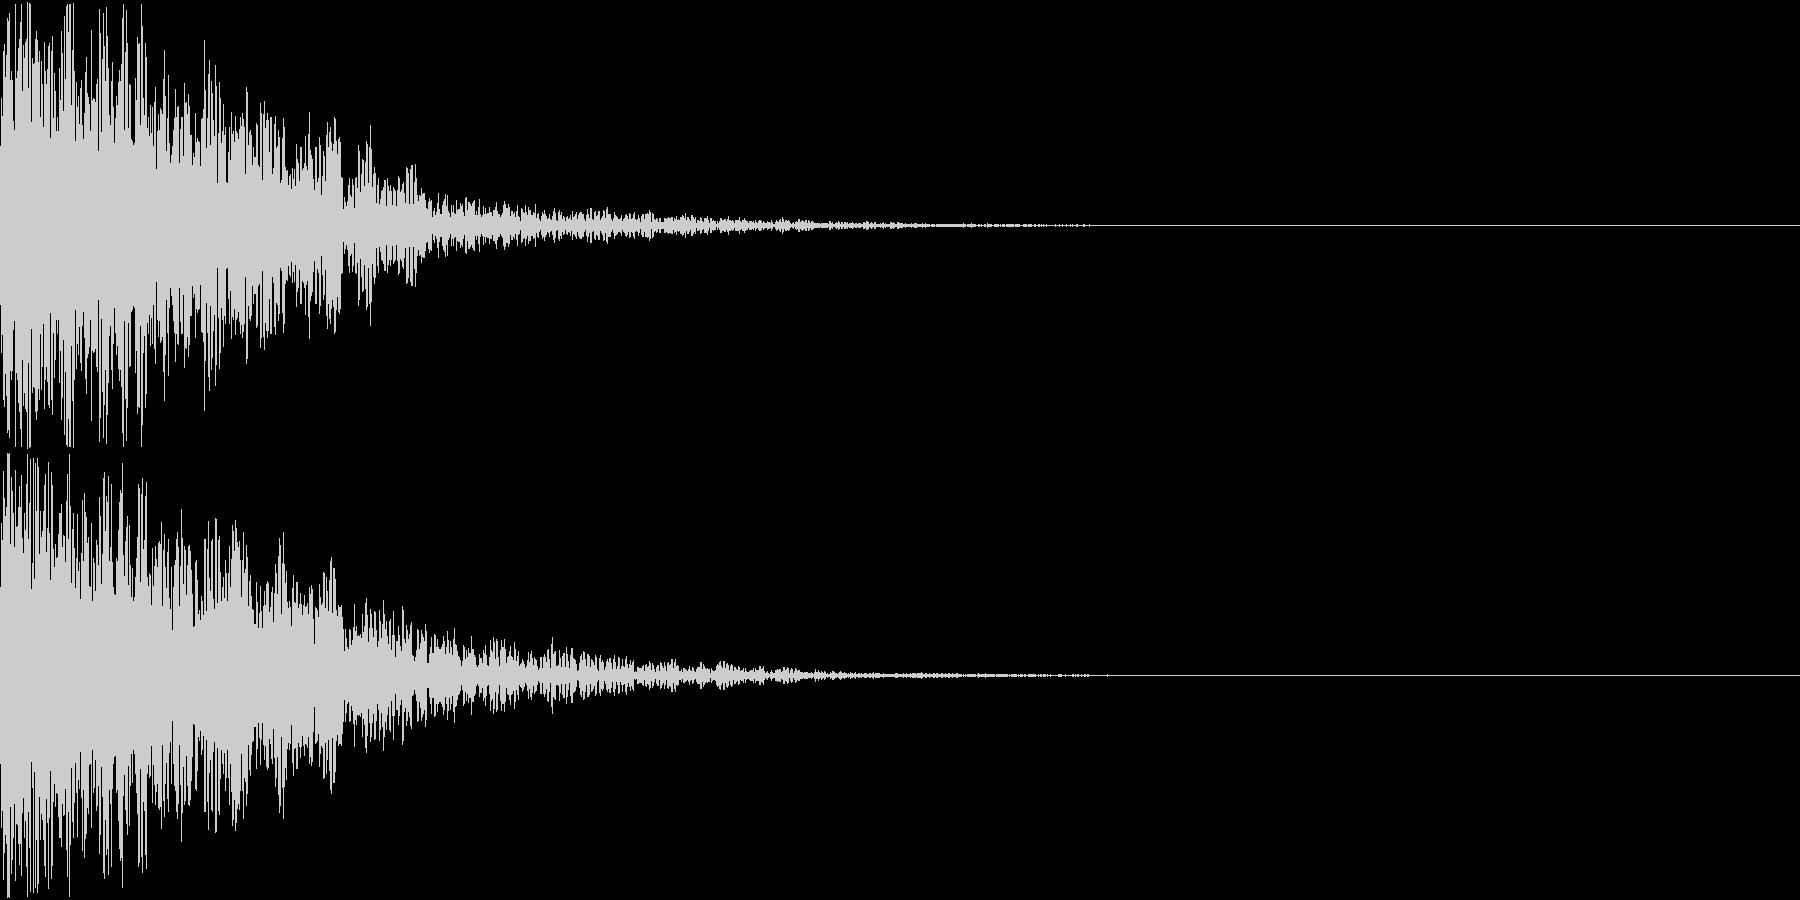 ロボット 合体 ガシーン キュイン 12の未再生の波形